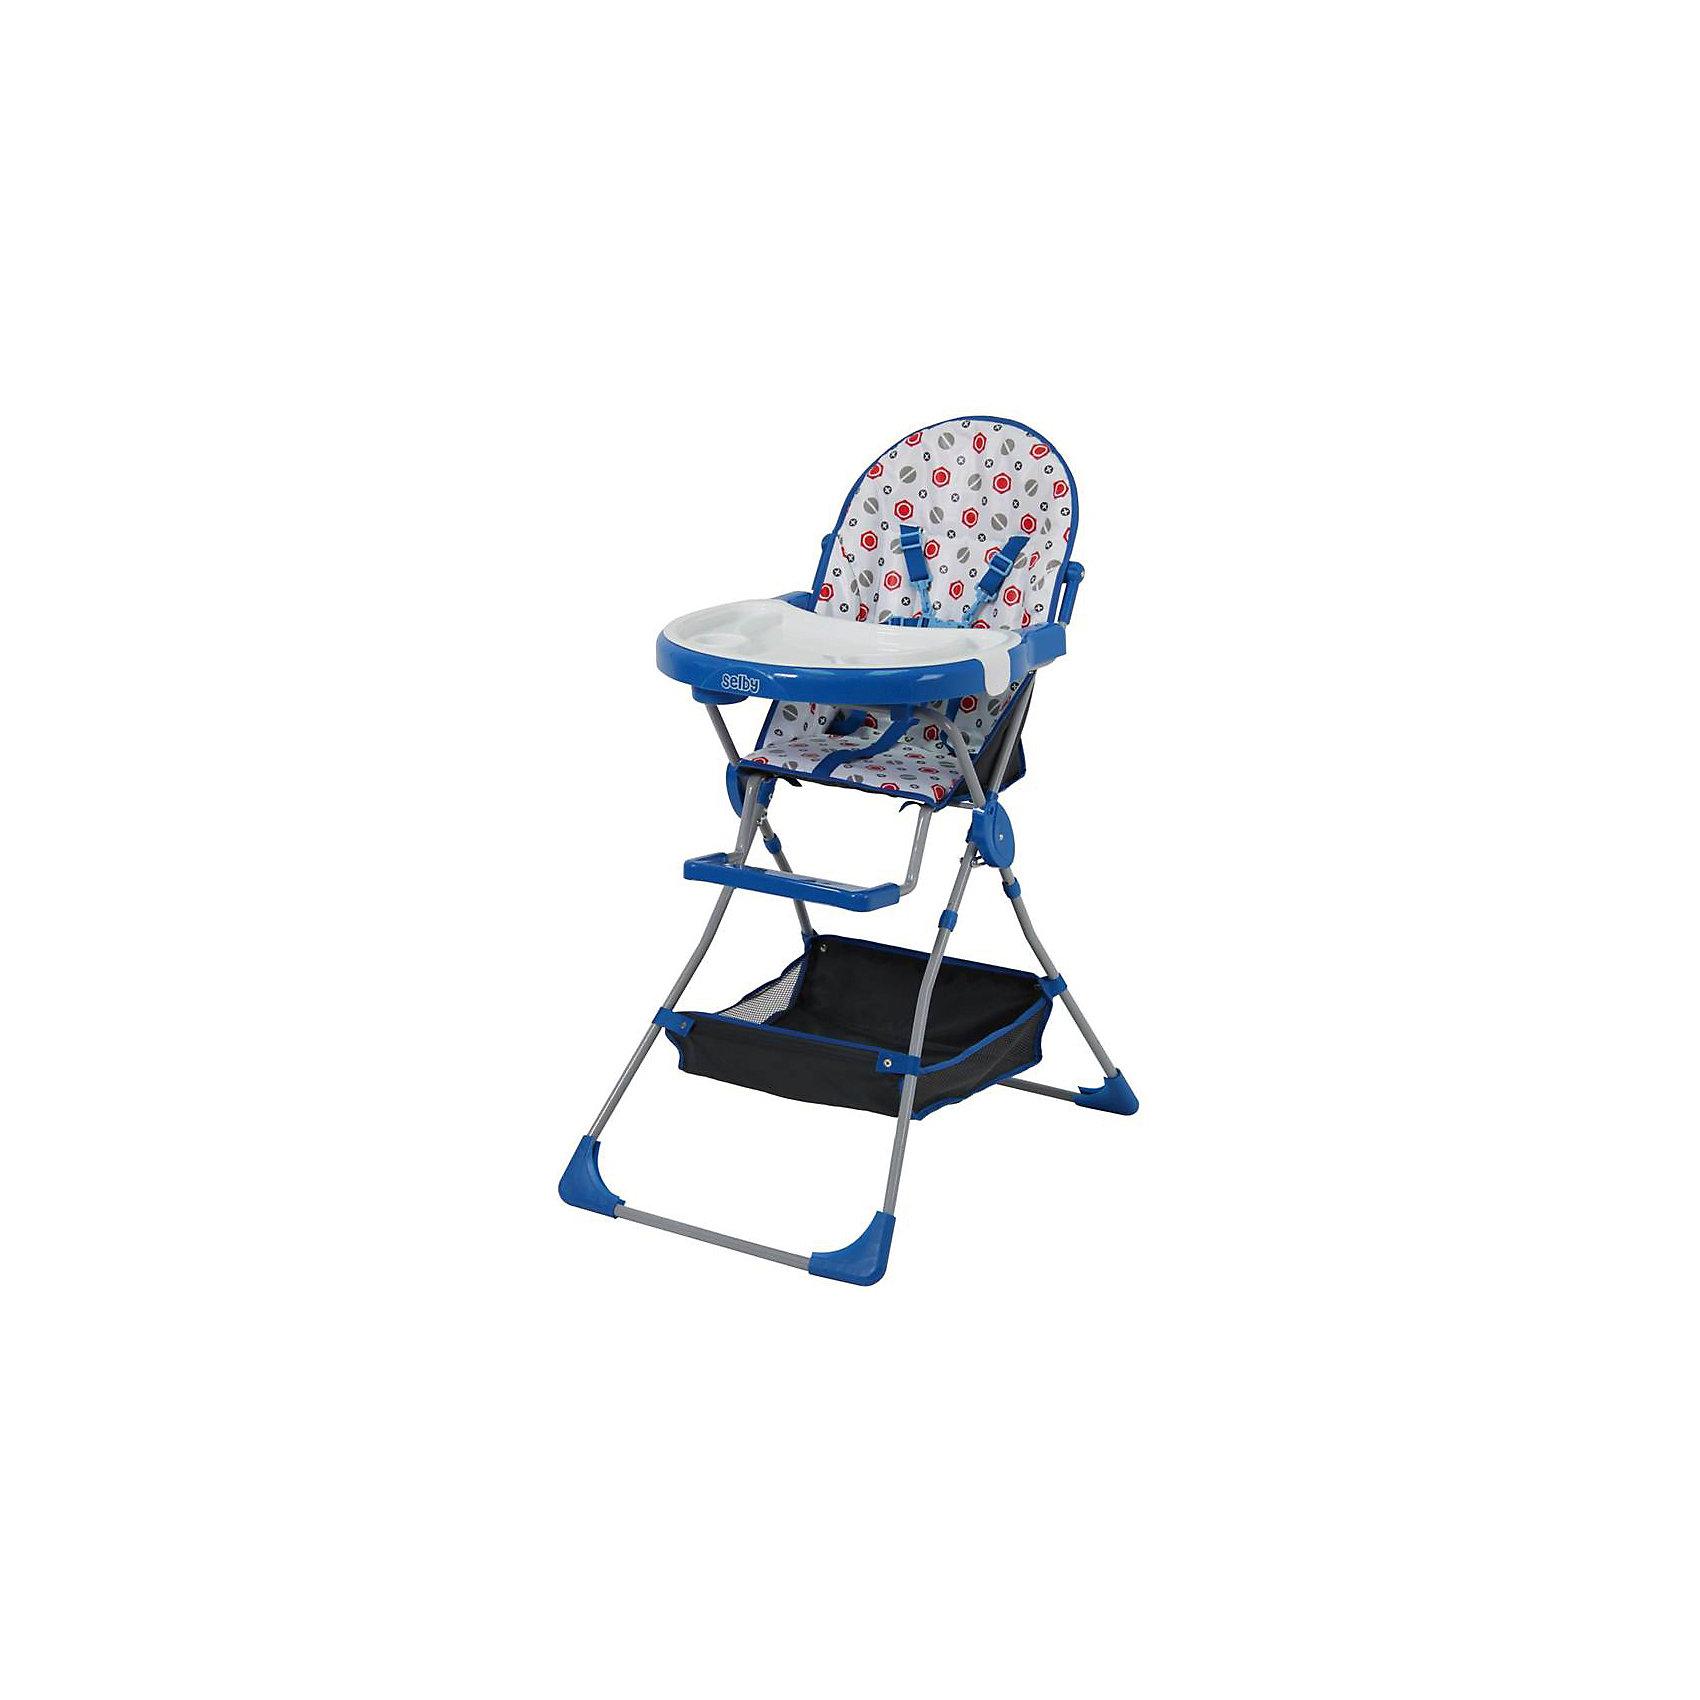 Стульчик для кормления 252 Selby, синийСтульчики для кормления<br>Удобный стульчик для кормления оснащен трехточечными  ремнями безопасности и подставкой для ног. Имеет большой удобный столик, съемный поднос с углублением для посуды и корзинку для принадлежностей. Легкая устойчивая конструкция и съемное моющееся сидение удобны в использовании и уходе.<br><br>Дополнительная информация:<br><br>- Материал: пластик, ПЭ, металл.<br>- Размер: 73,5 х 53 х 100,5 см.<br>- Вес: 5,10 кг.<br>- Цвет: синий.<br>- Пятиточечный ремень безопасности.<br>- Съемный поднос с углублением для посуды<br>- Подставка для ног.<br>- Съемное моющееся сидение.<br>- Корзинка для принадлежностей.<br><br>Стульчик для кормления 252 Selby, синий, можно купить в нашем магазине.<br><br>Ширина мм: 125<br>Глубина мм: 800<br>Высота мм: 500<br>Вес г: 6350<br>Возраст от месяцев: 6<br>Возраст до месяцев: 36<br>Пол: Мужской<br>Возраст: Детский<br>SKU: 4067753